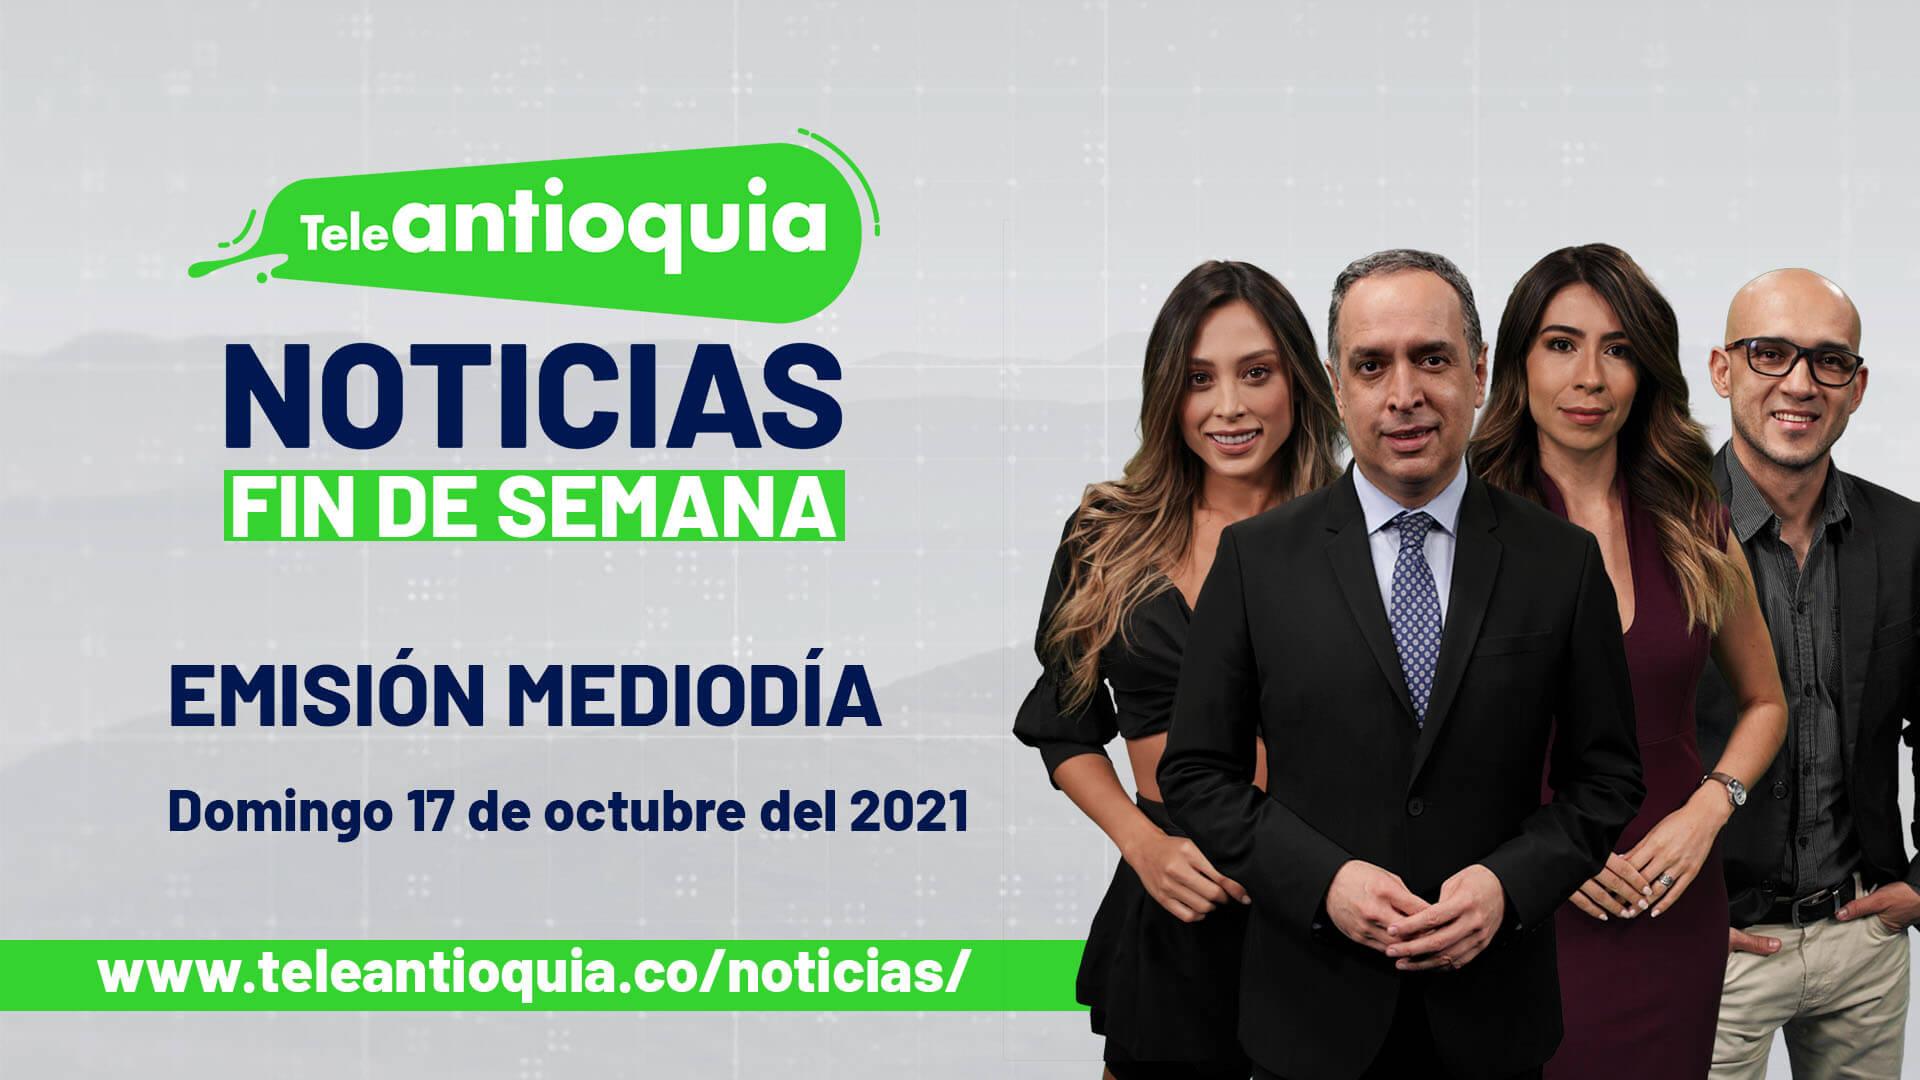 Teleantioquia Noticias – domingo 17 de octubre de 2021 mediodía